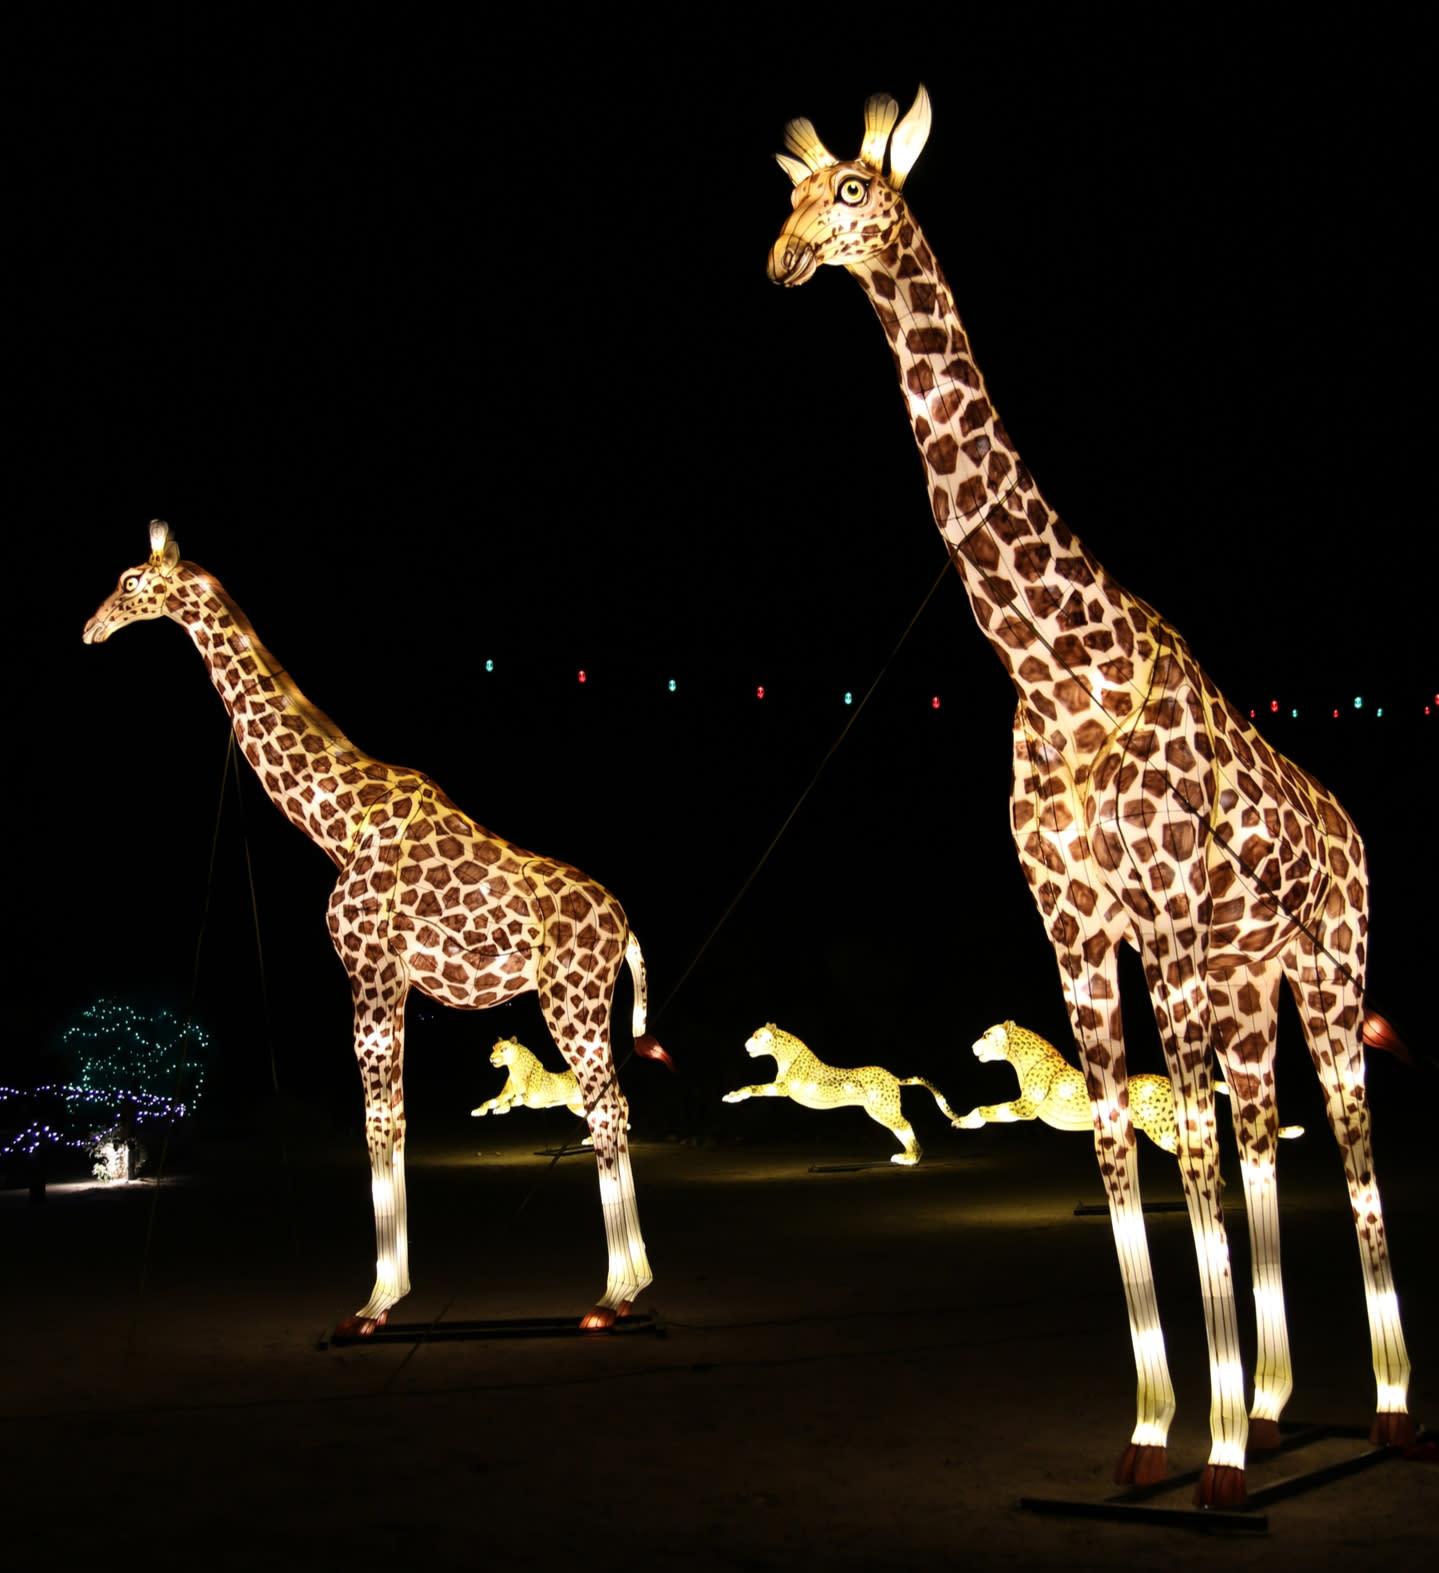 Light up giraffes at The Living Desert